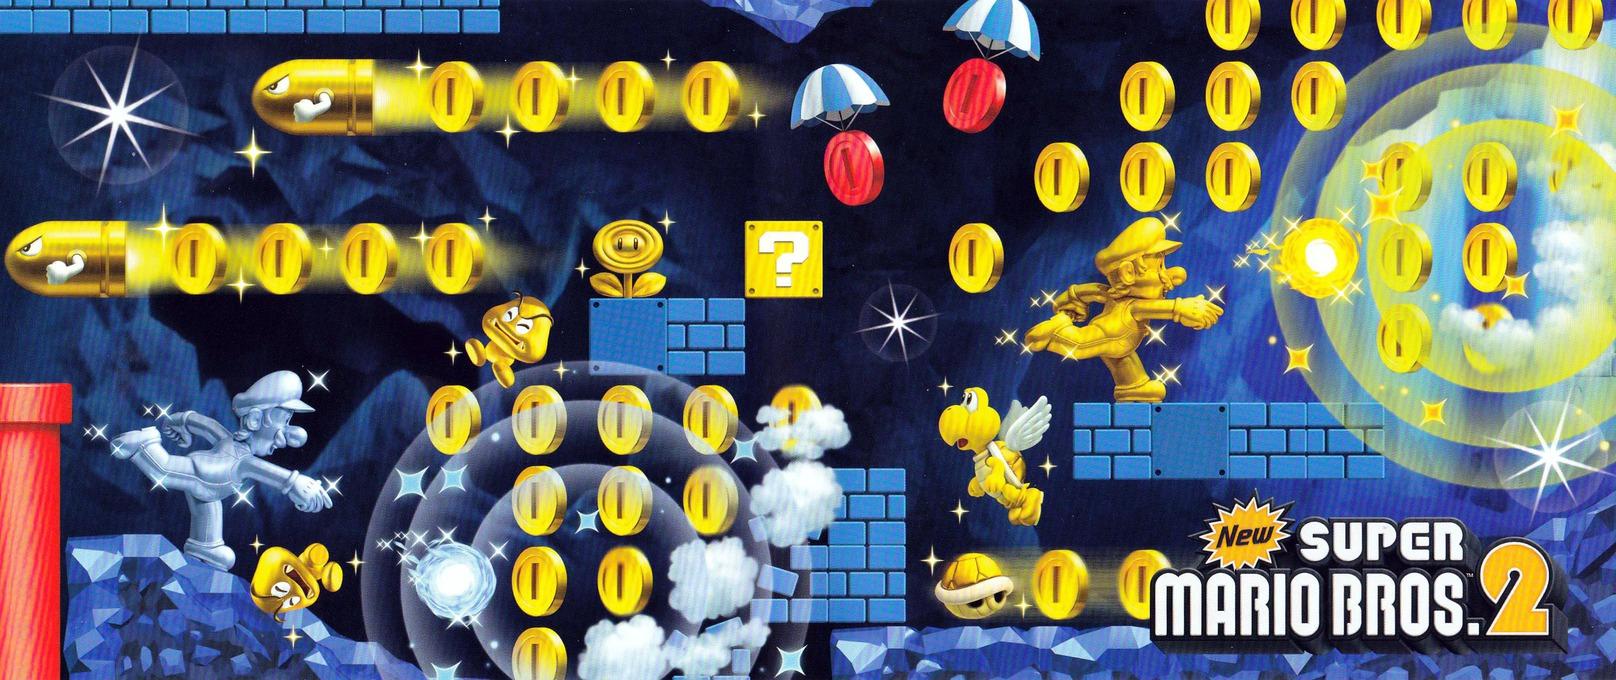 New Super Mario Bros. 2 3DS coverfullHQ2 (ABEP)